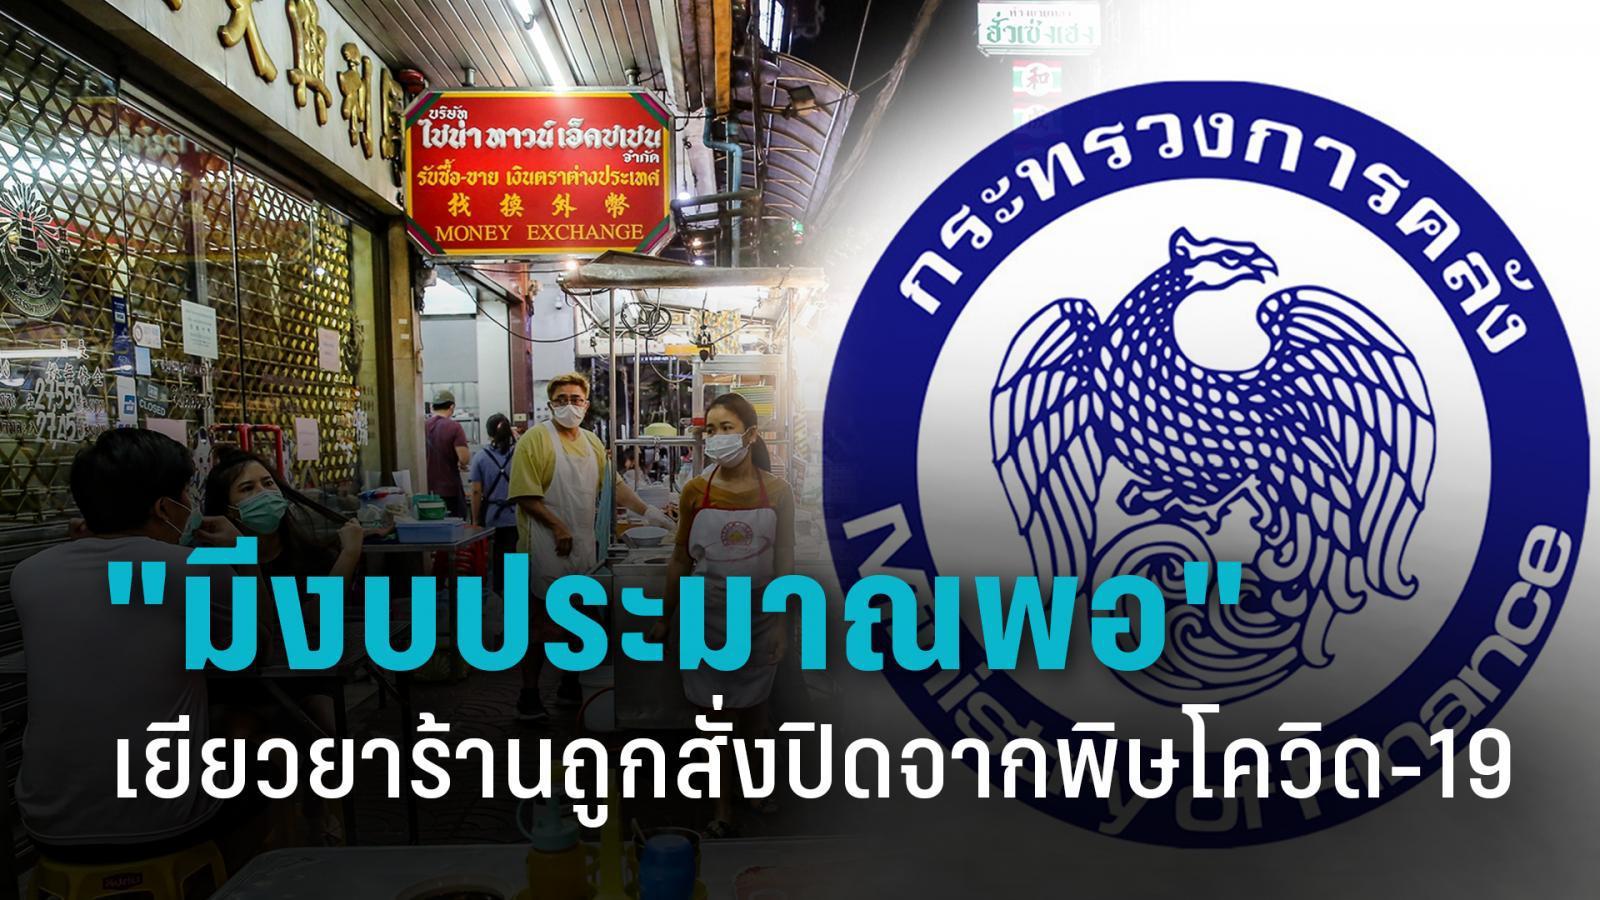 คลัง ยืนยัน มีงบกว่า 8.9 แสนล้าน เยียวยากิจการ ร้านค้า ที่ถูกสั่งปิด จากพิษโควิด-19